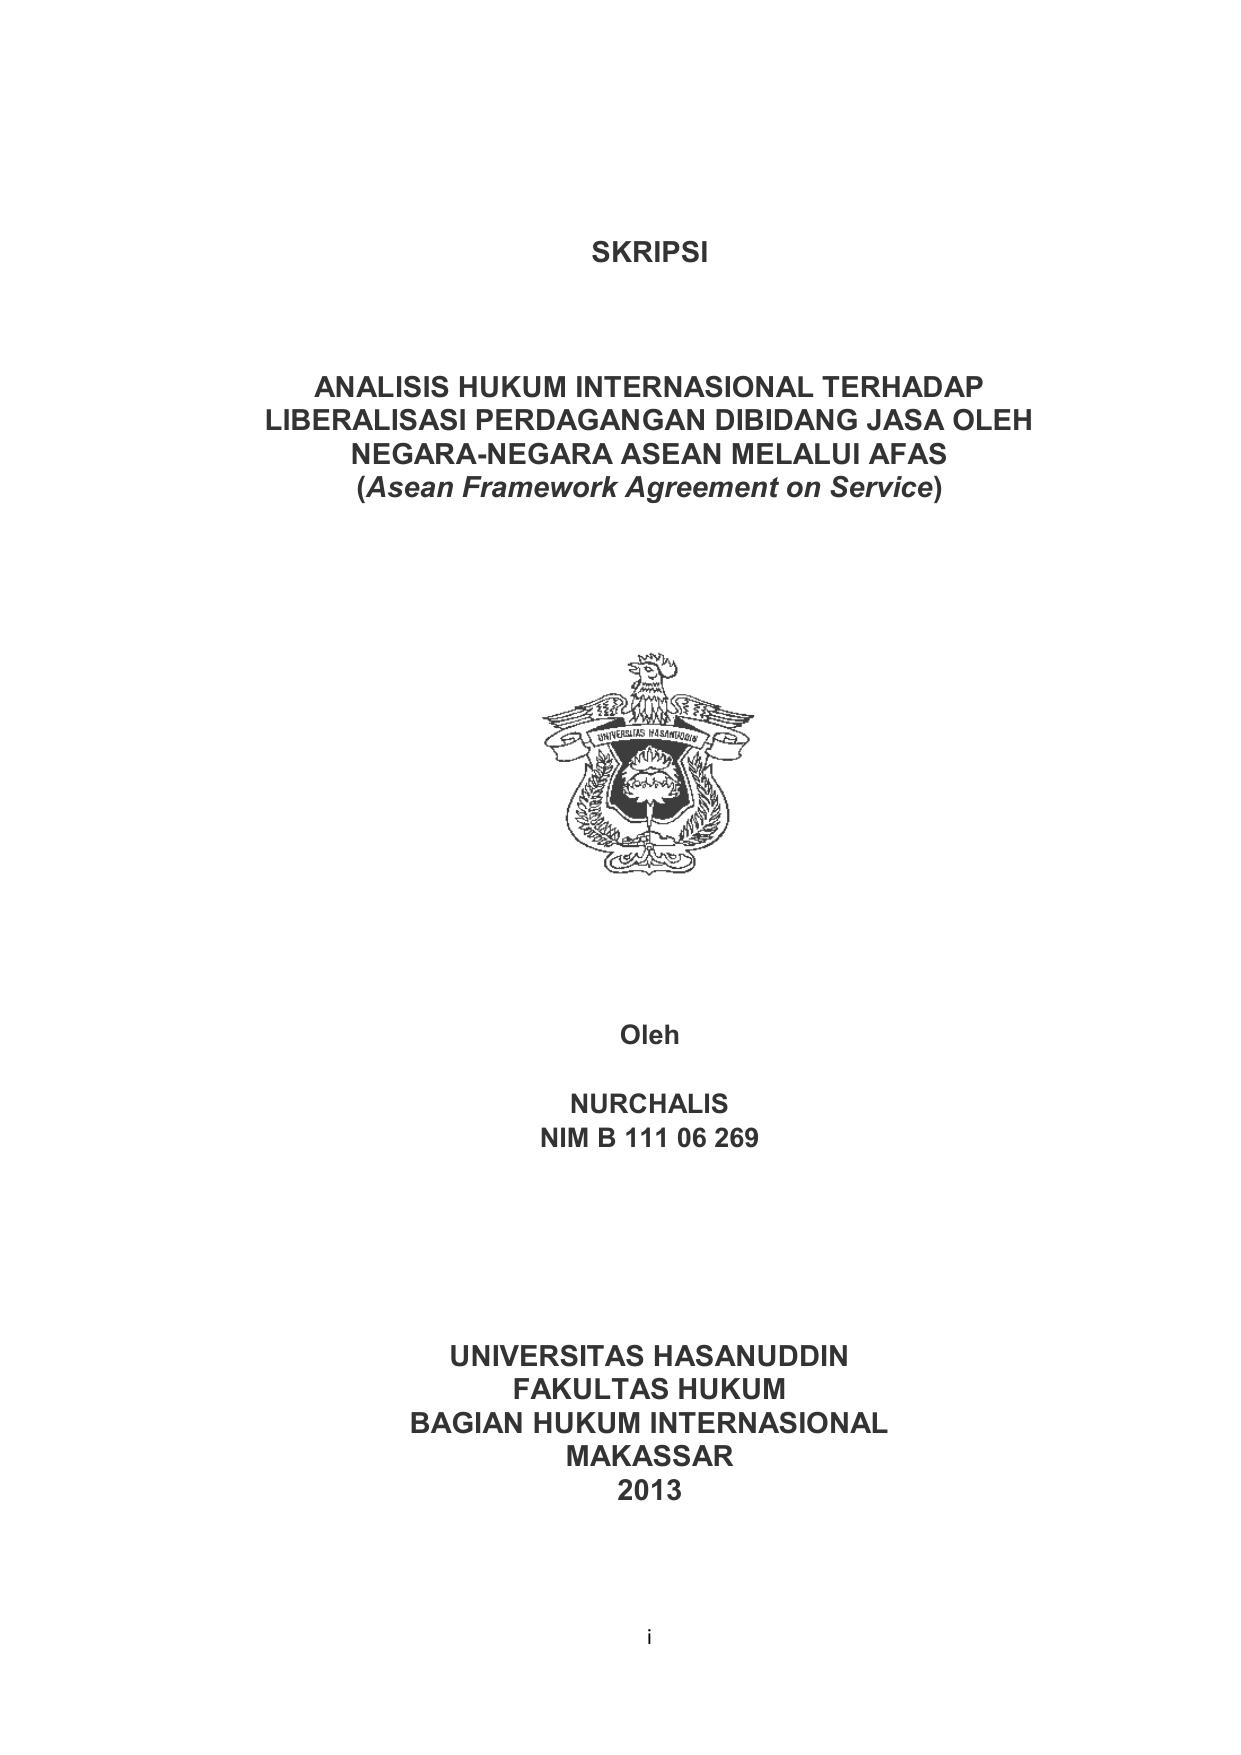 Skripsi Analisis Hukum Internasional Terhadap